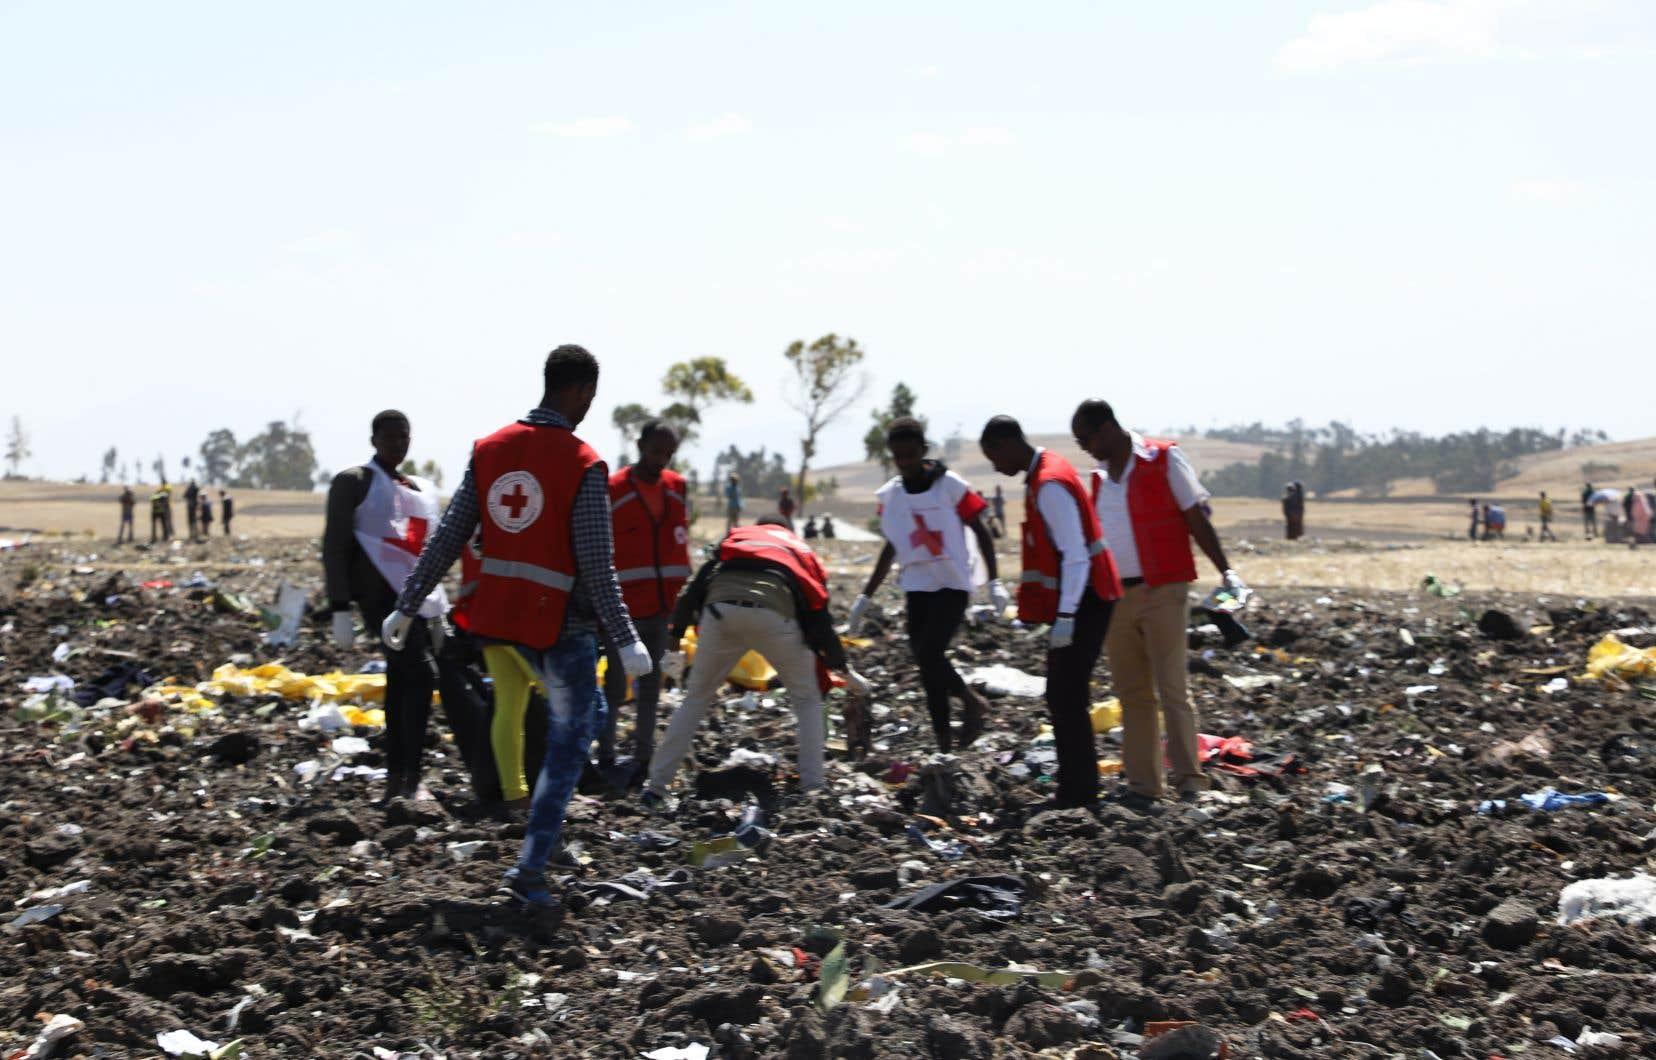 Une équipe de la Croix-Rouge travaille au milieu de débris sur le site de l'écrasement du Boeing 737 d'Ethiopian Airlines près de Bishoftu, une ville située à environ 60 km au sud-est d'Addis-Abeba.